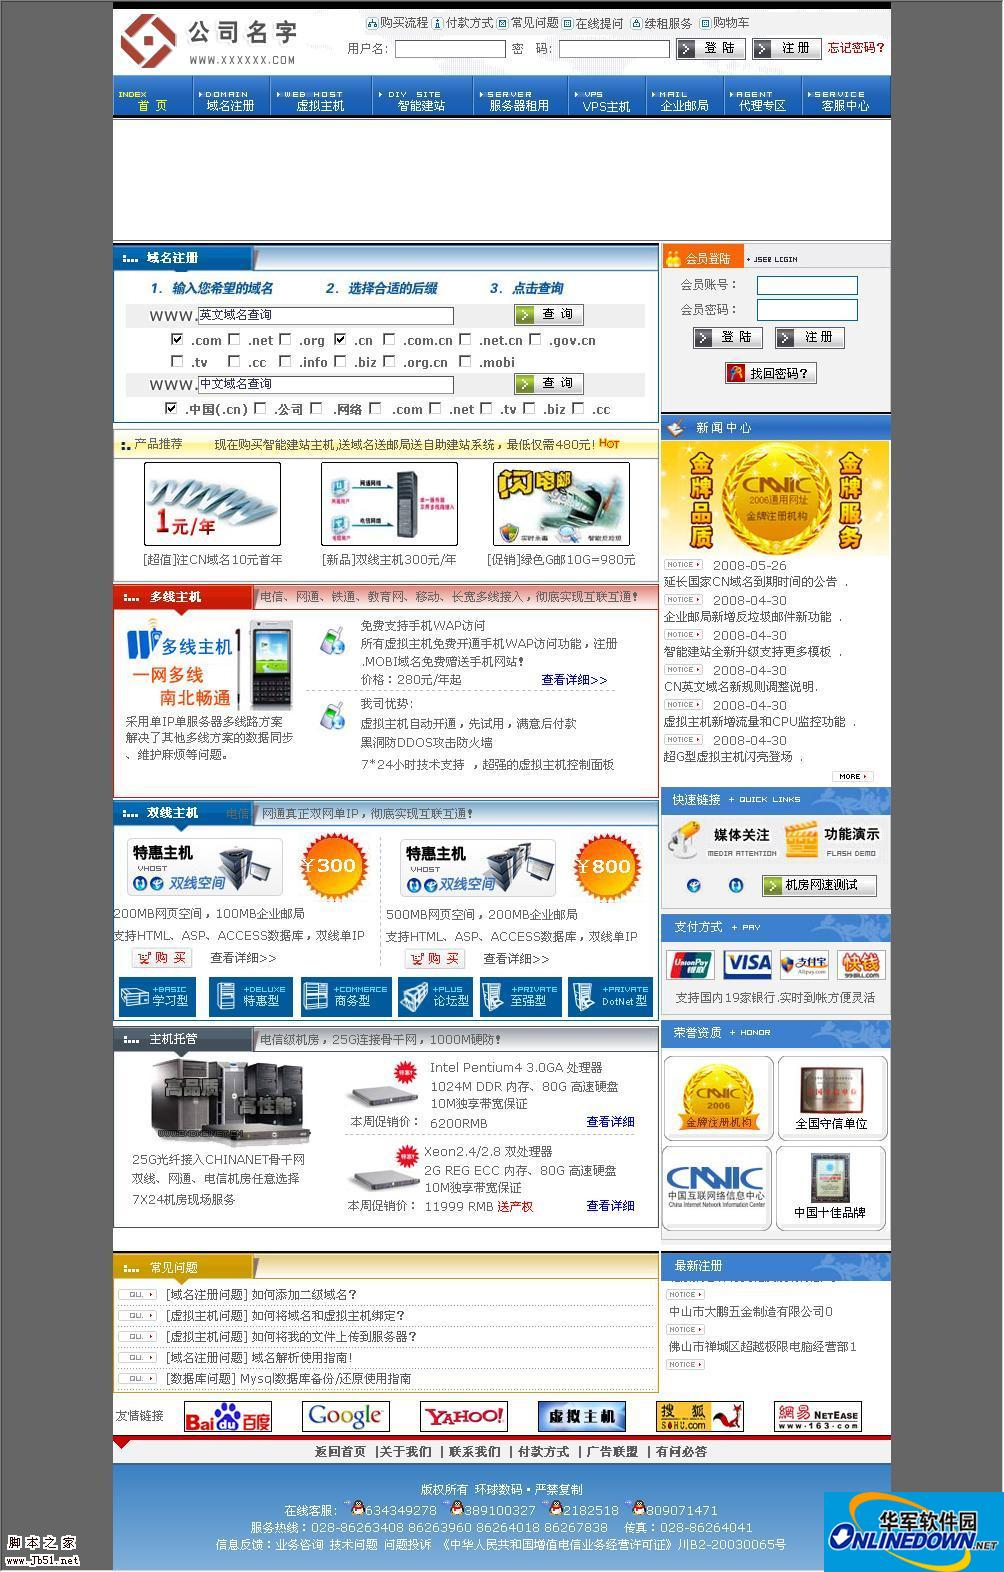 西部数码域名虚拟主机分销管理系统 asp版